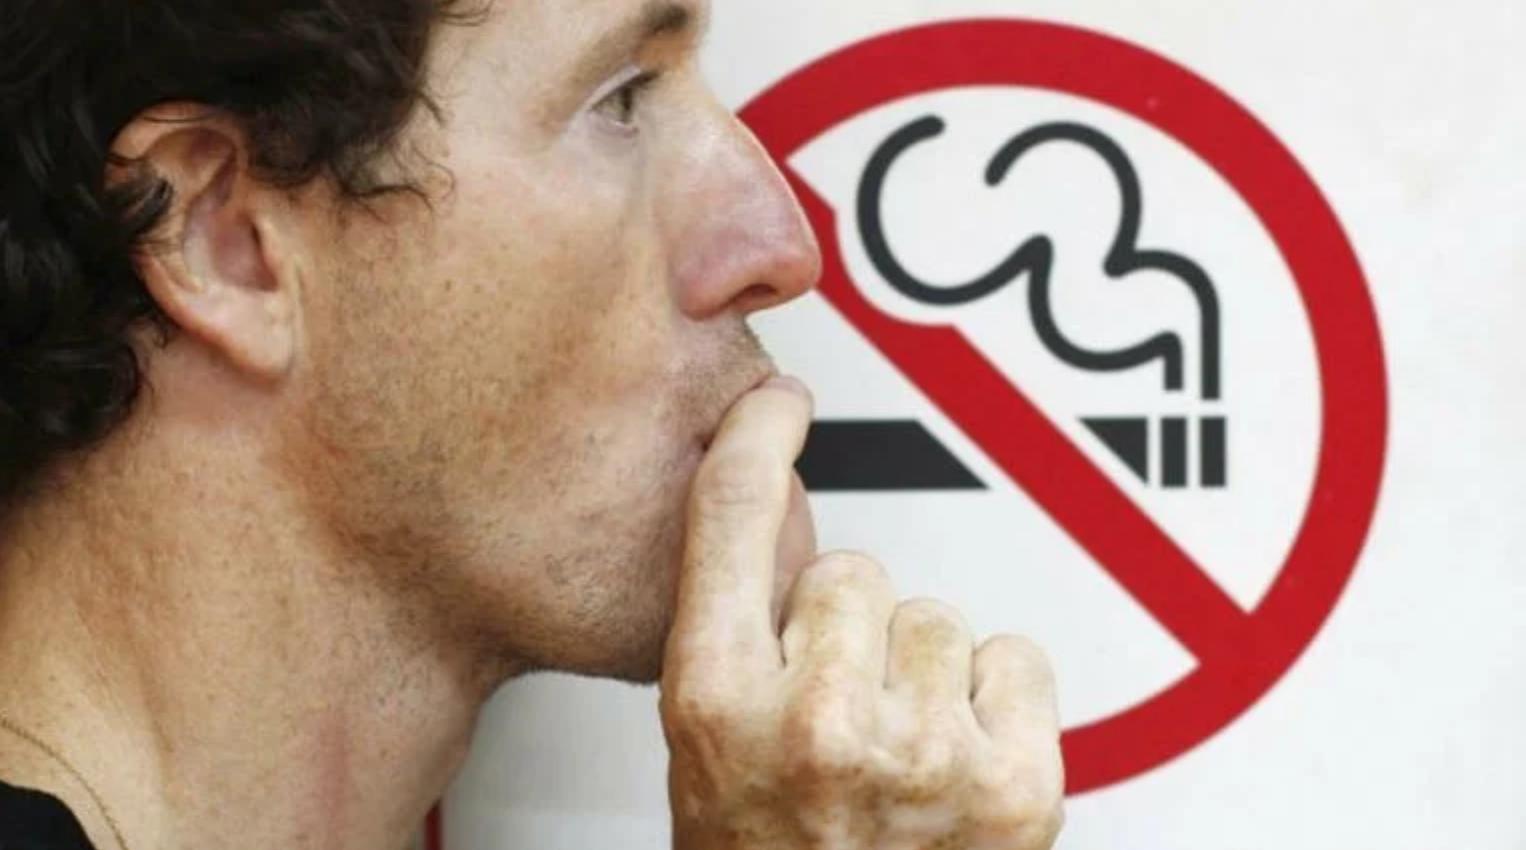 Где теперь можно и нельзя курить новые требования 2019 года.png